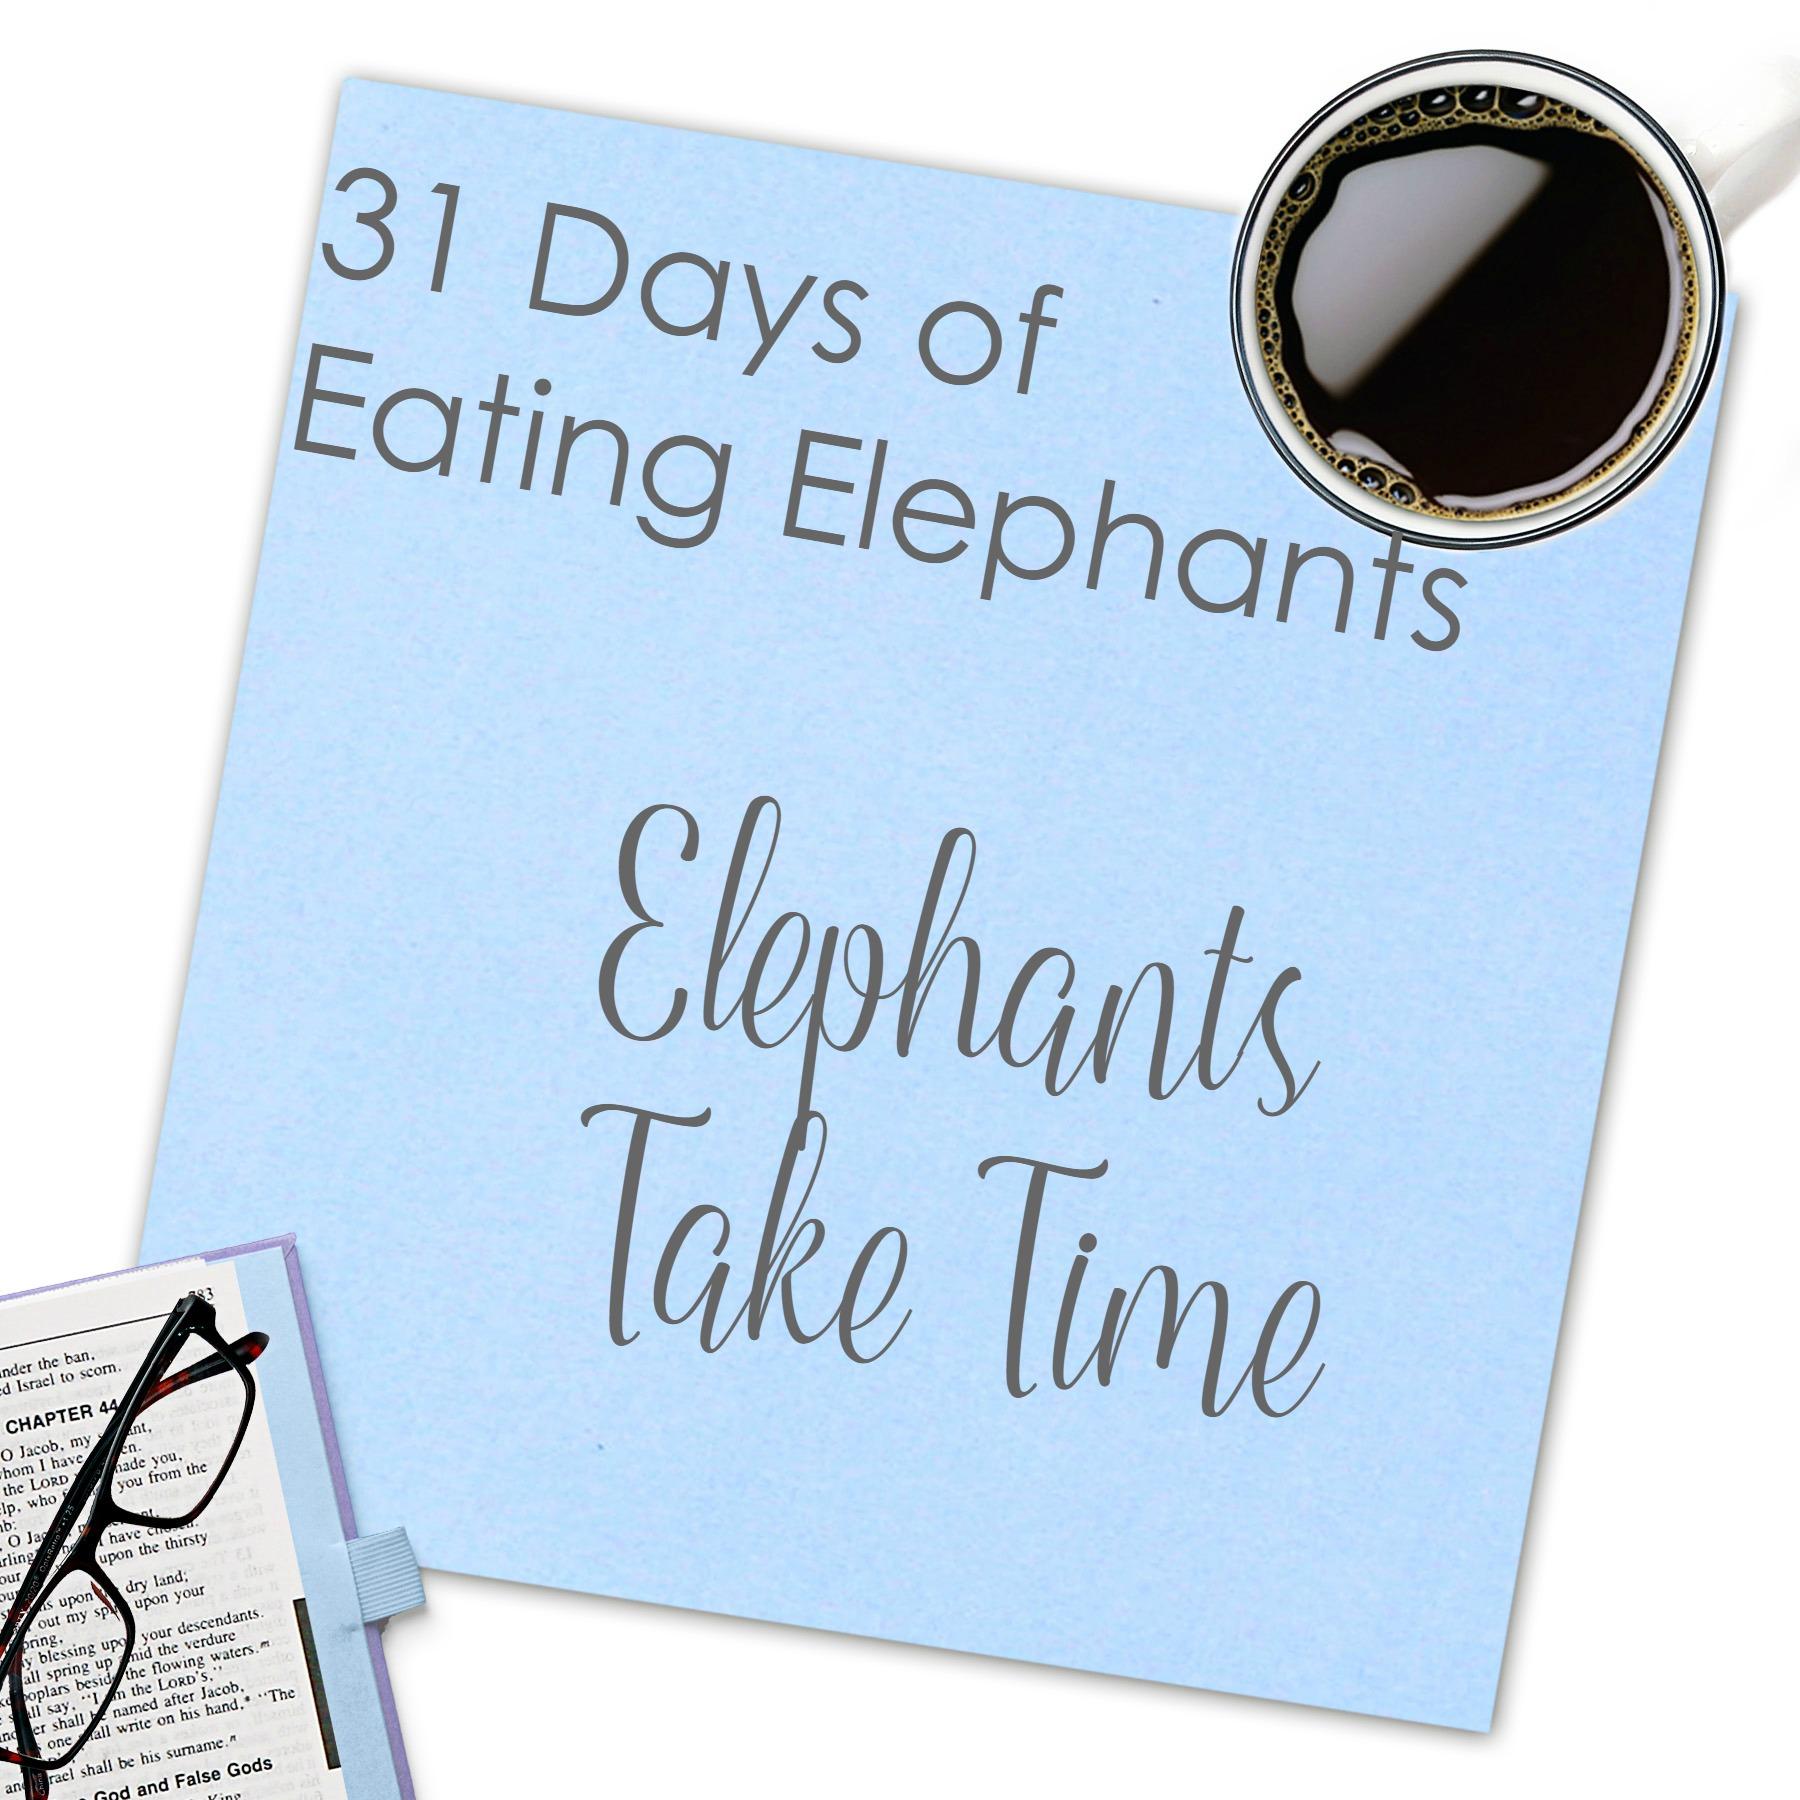 Elephants Take Time